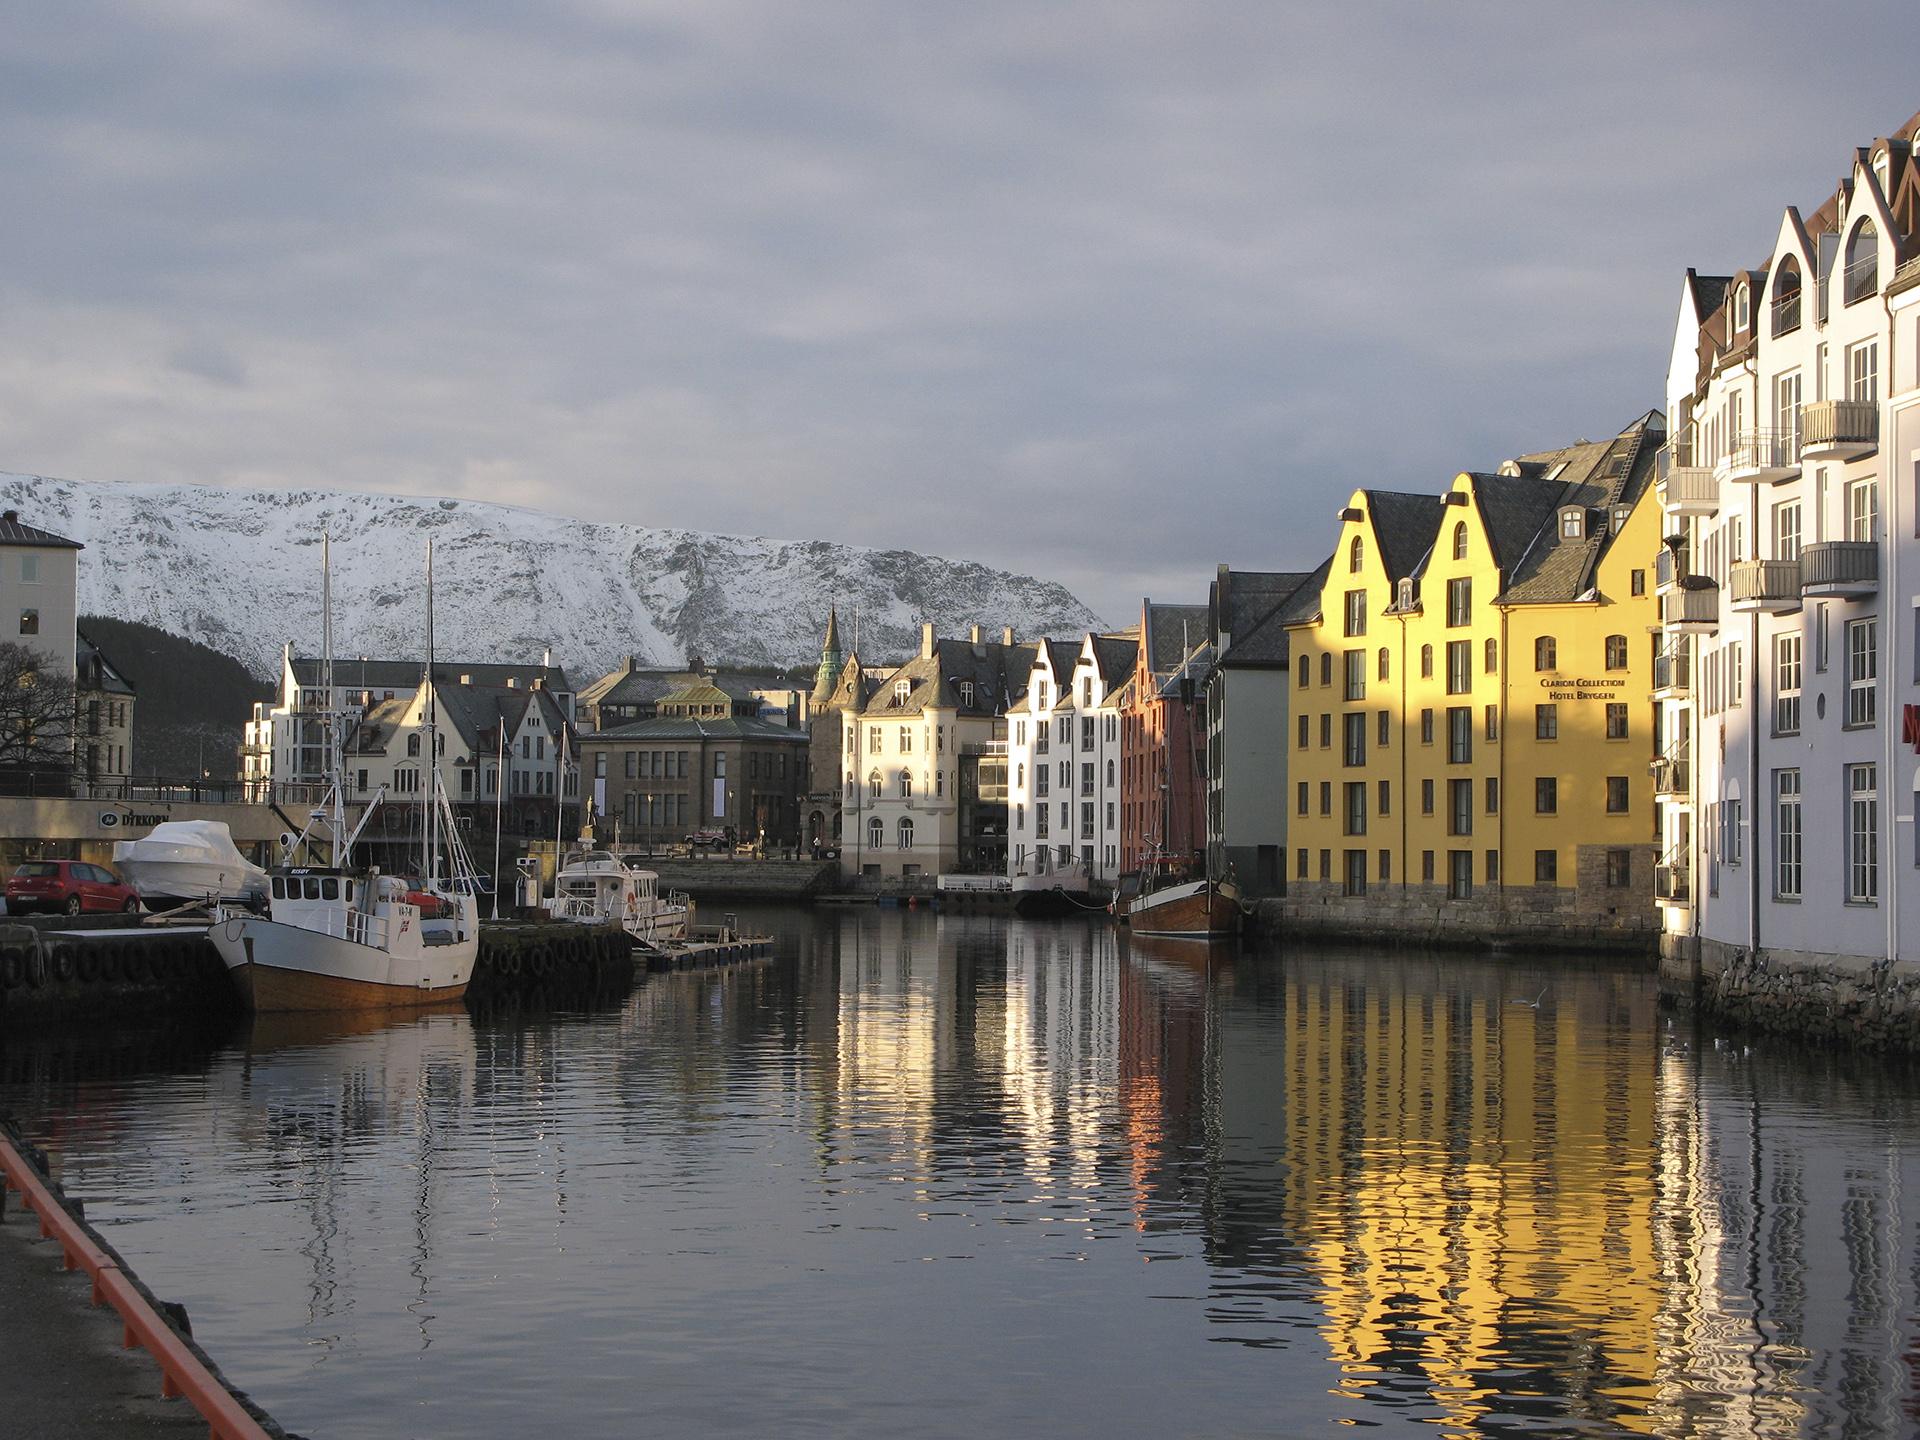 Bilde av Ålesund. Den godt bevarte jugendarkitekturen gir Ålesund historisk karakter. Foto: Cornelis Horn Evensen, Riksantikvaren